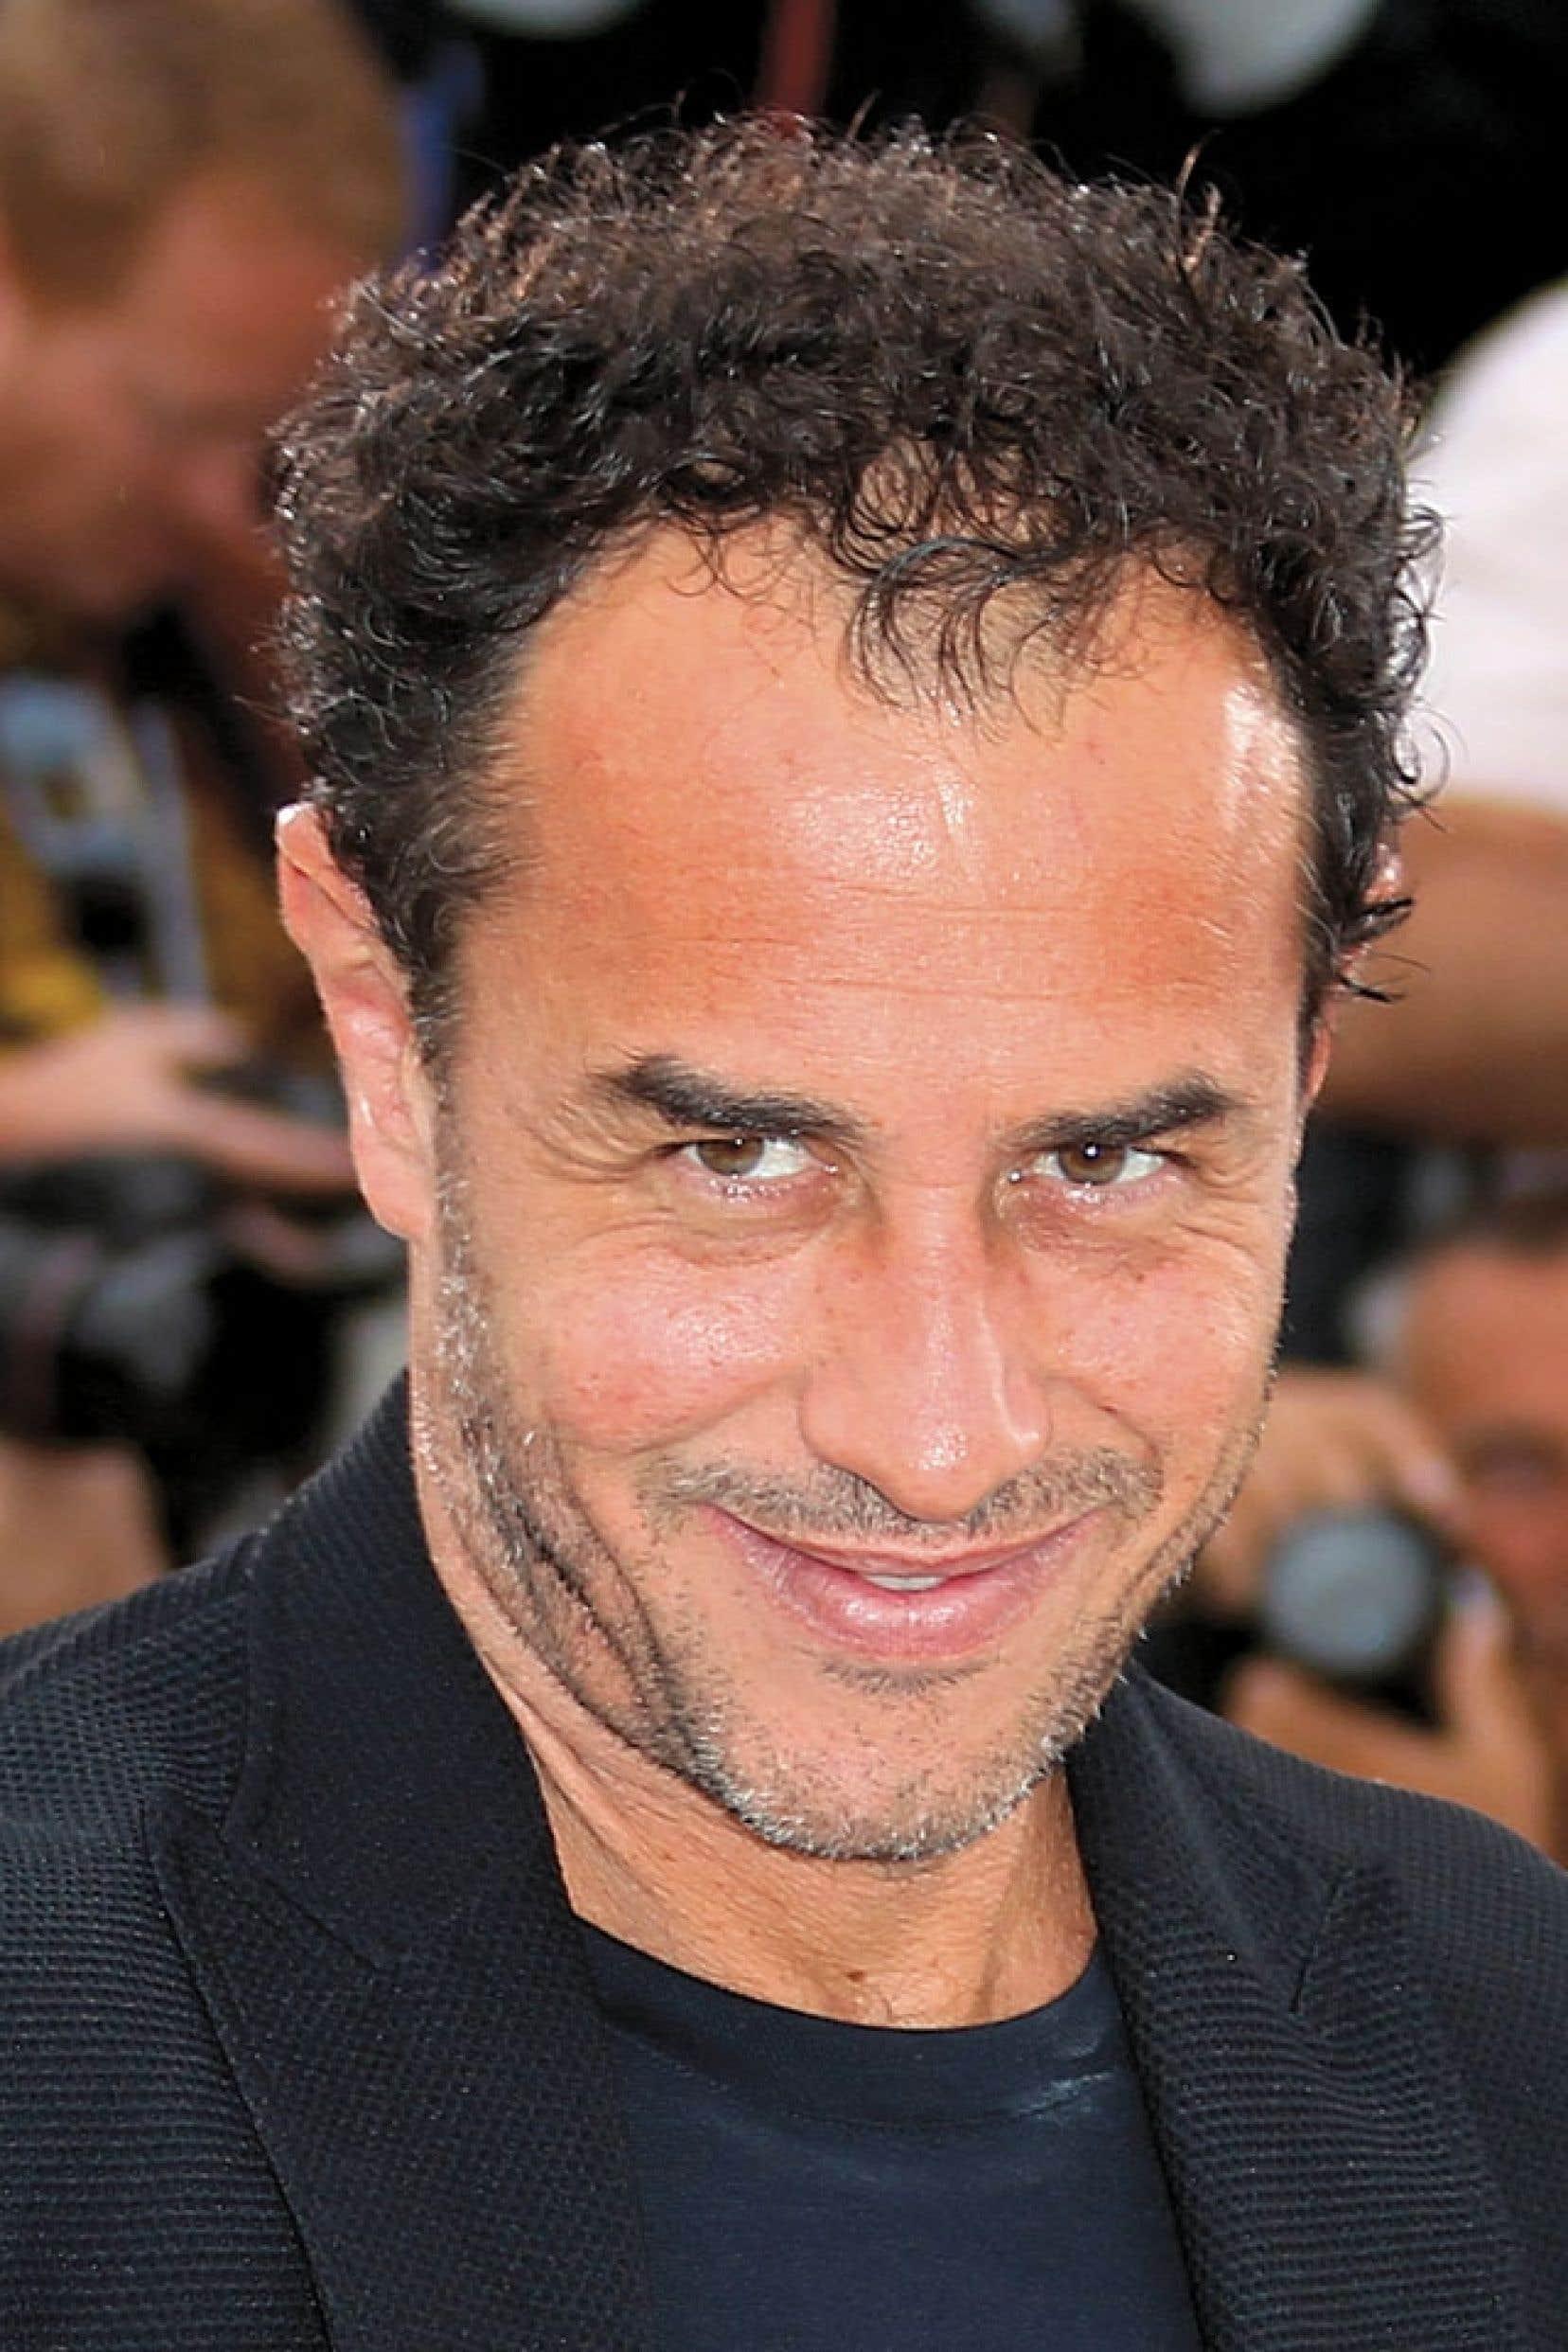 Le cinéaste italien Matteo Garrone a reçu les honneurs de Cannes à deux reprises, en 2008 pour Gomorra, et l'an dernier pour Reality.